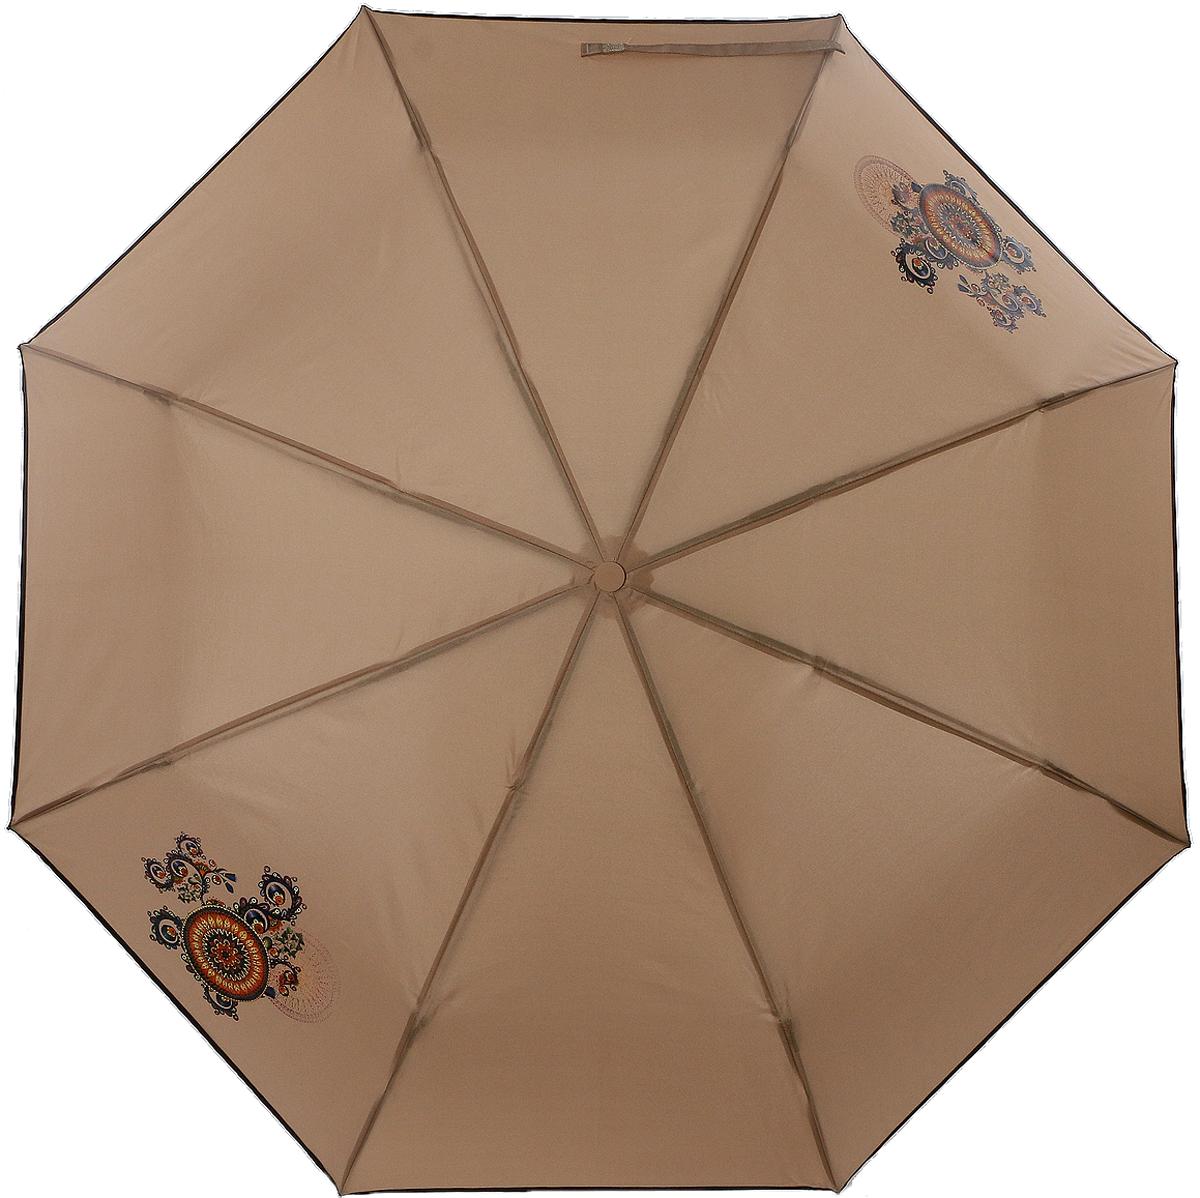 Зонт женский ArtRain, механический, 3 сложения, цвет: коричневый. 3511-1706 зонт artrain механический 3 сложения цвет синий 3517 1732